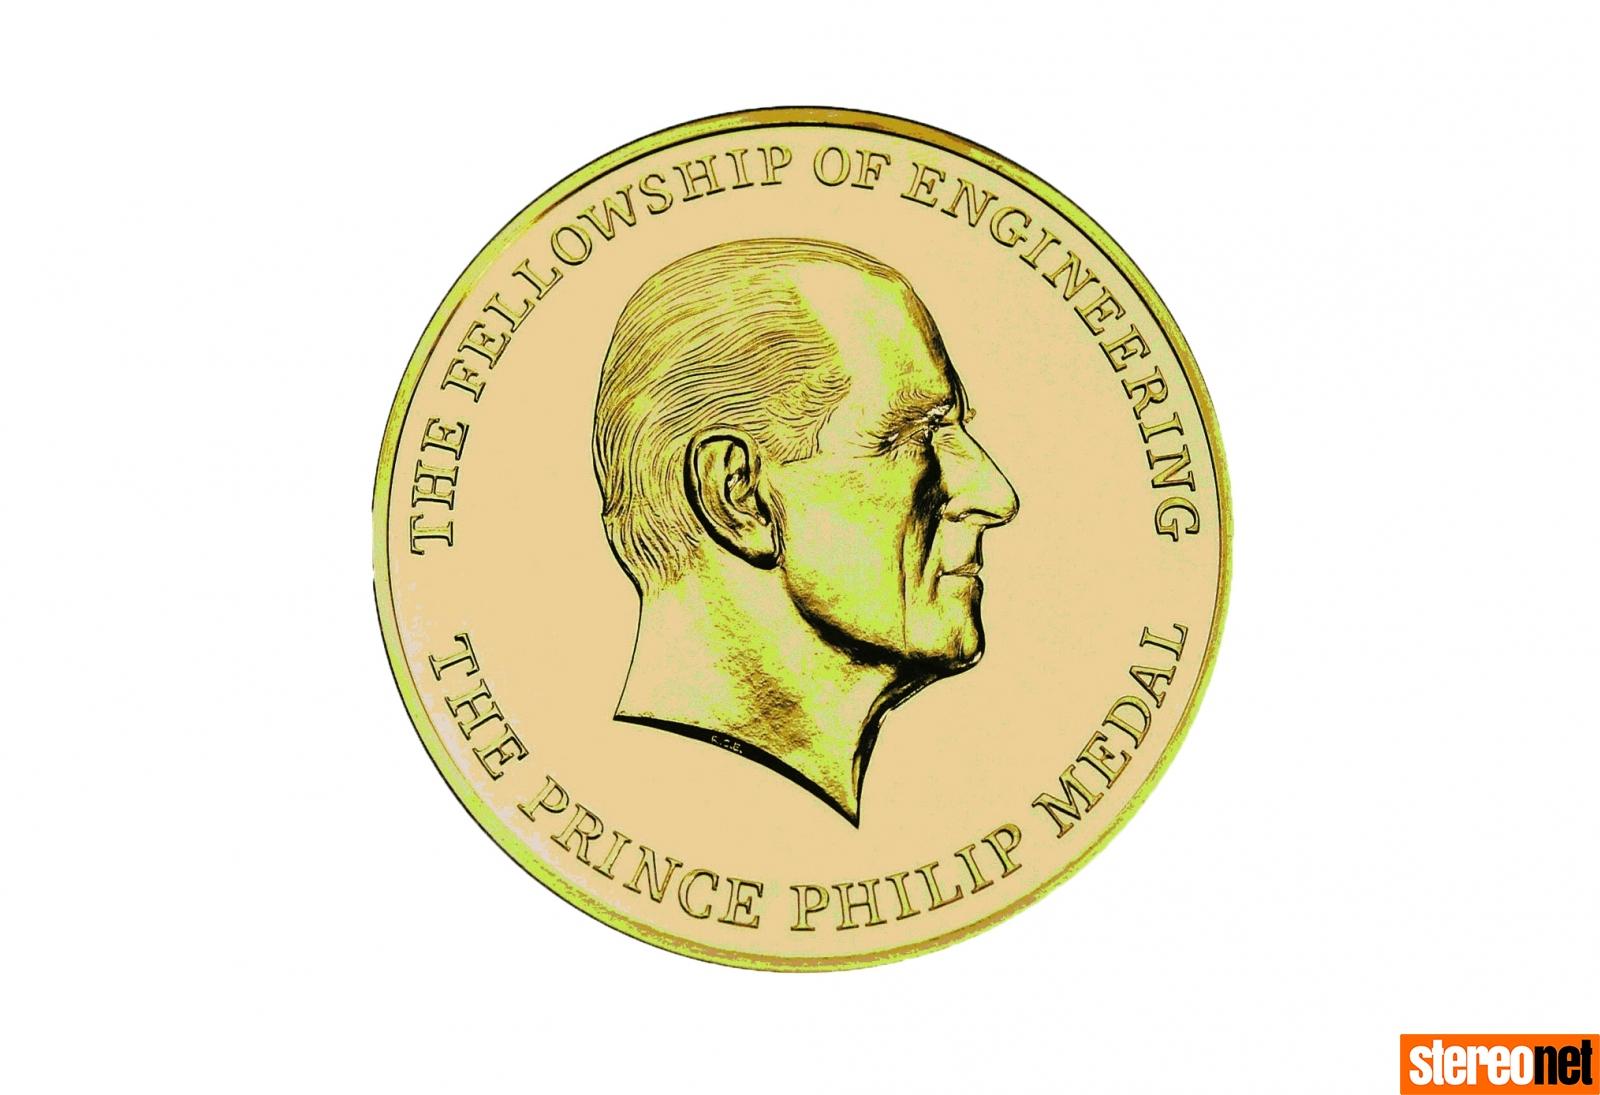 Bob Stuart MQA Prince Philip Medal